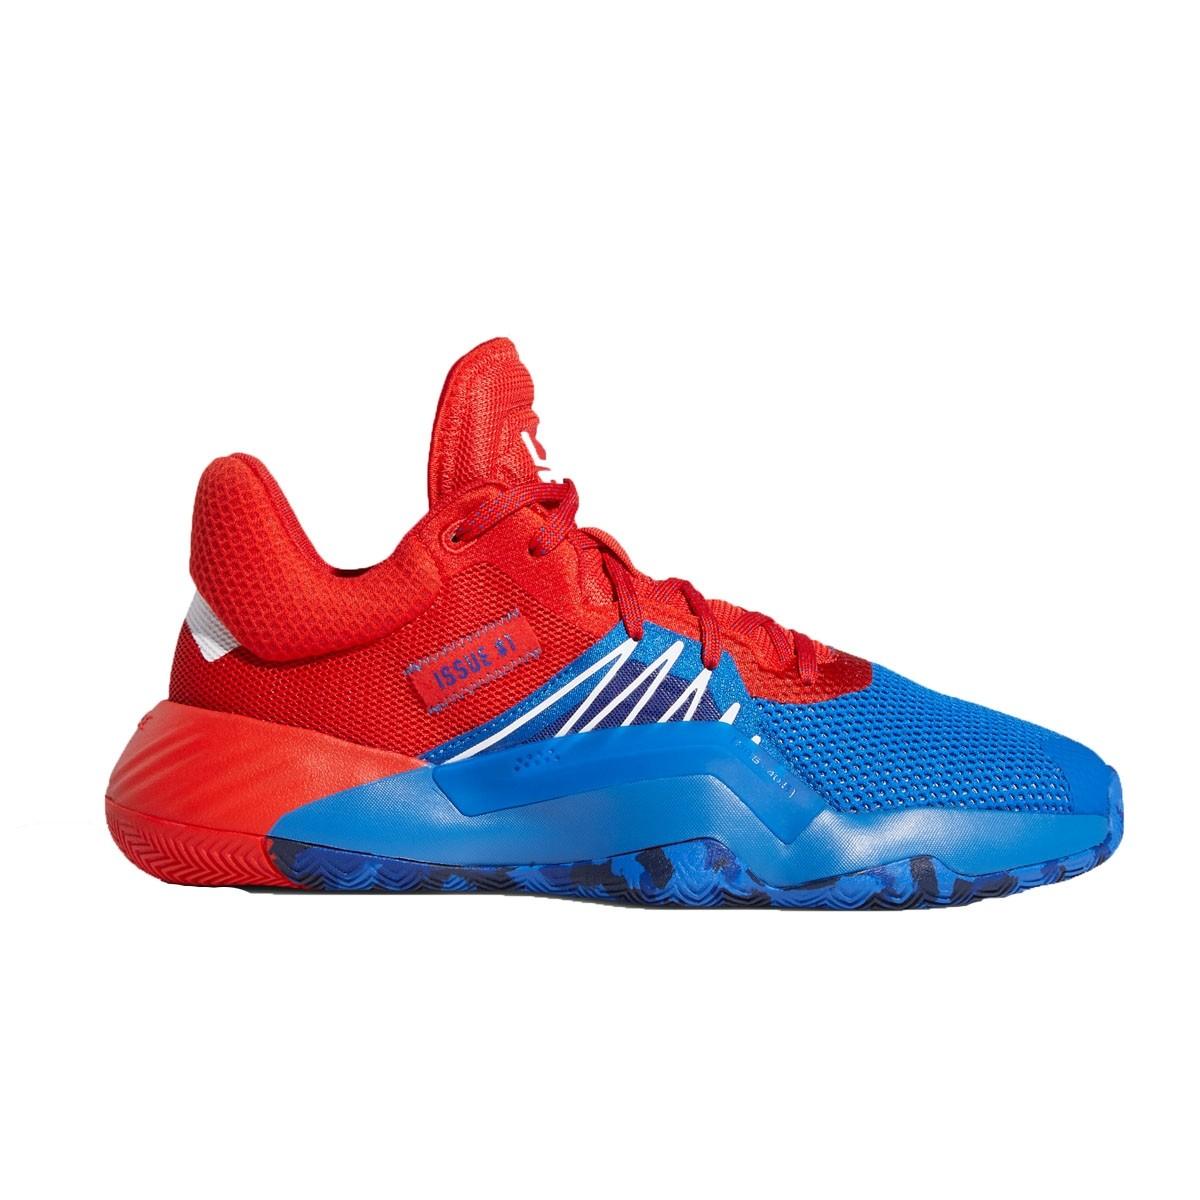 o nIssue Adidas 'spider D Man' 1 Aj4R5q3L